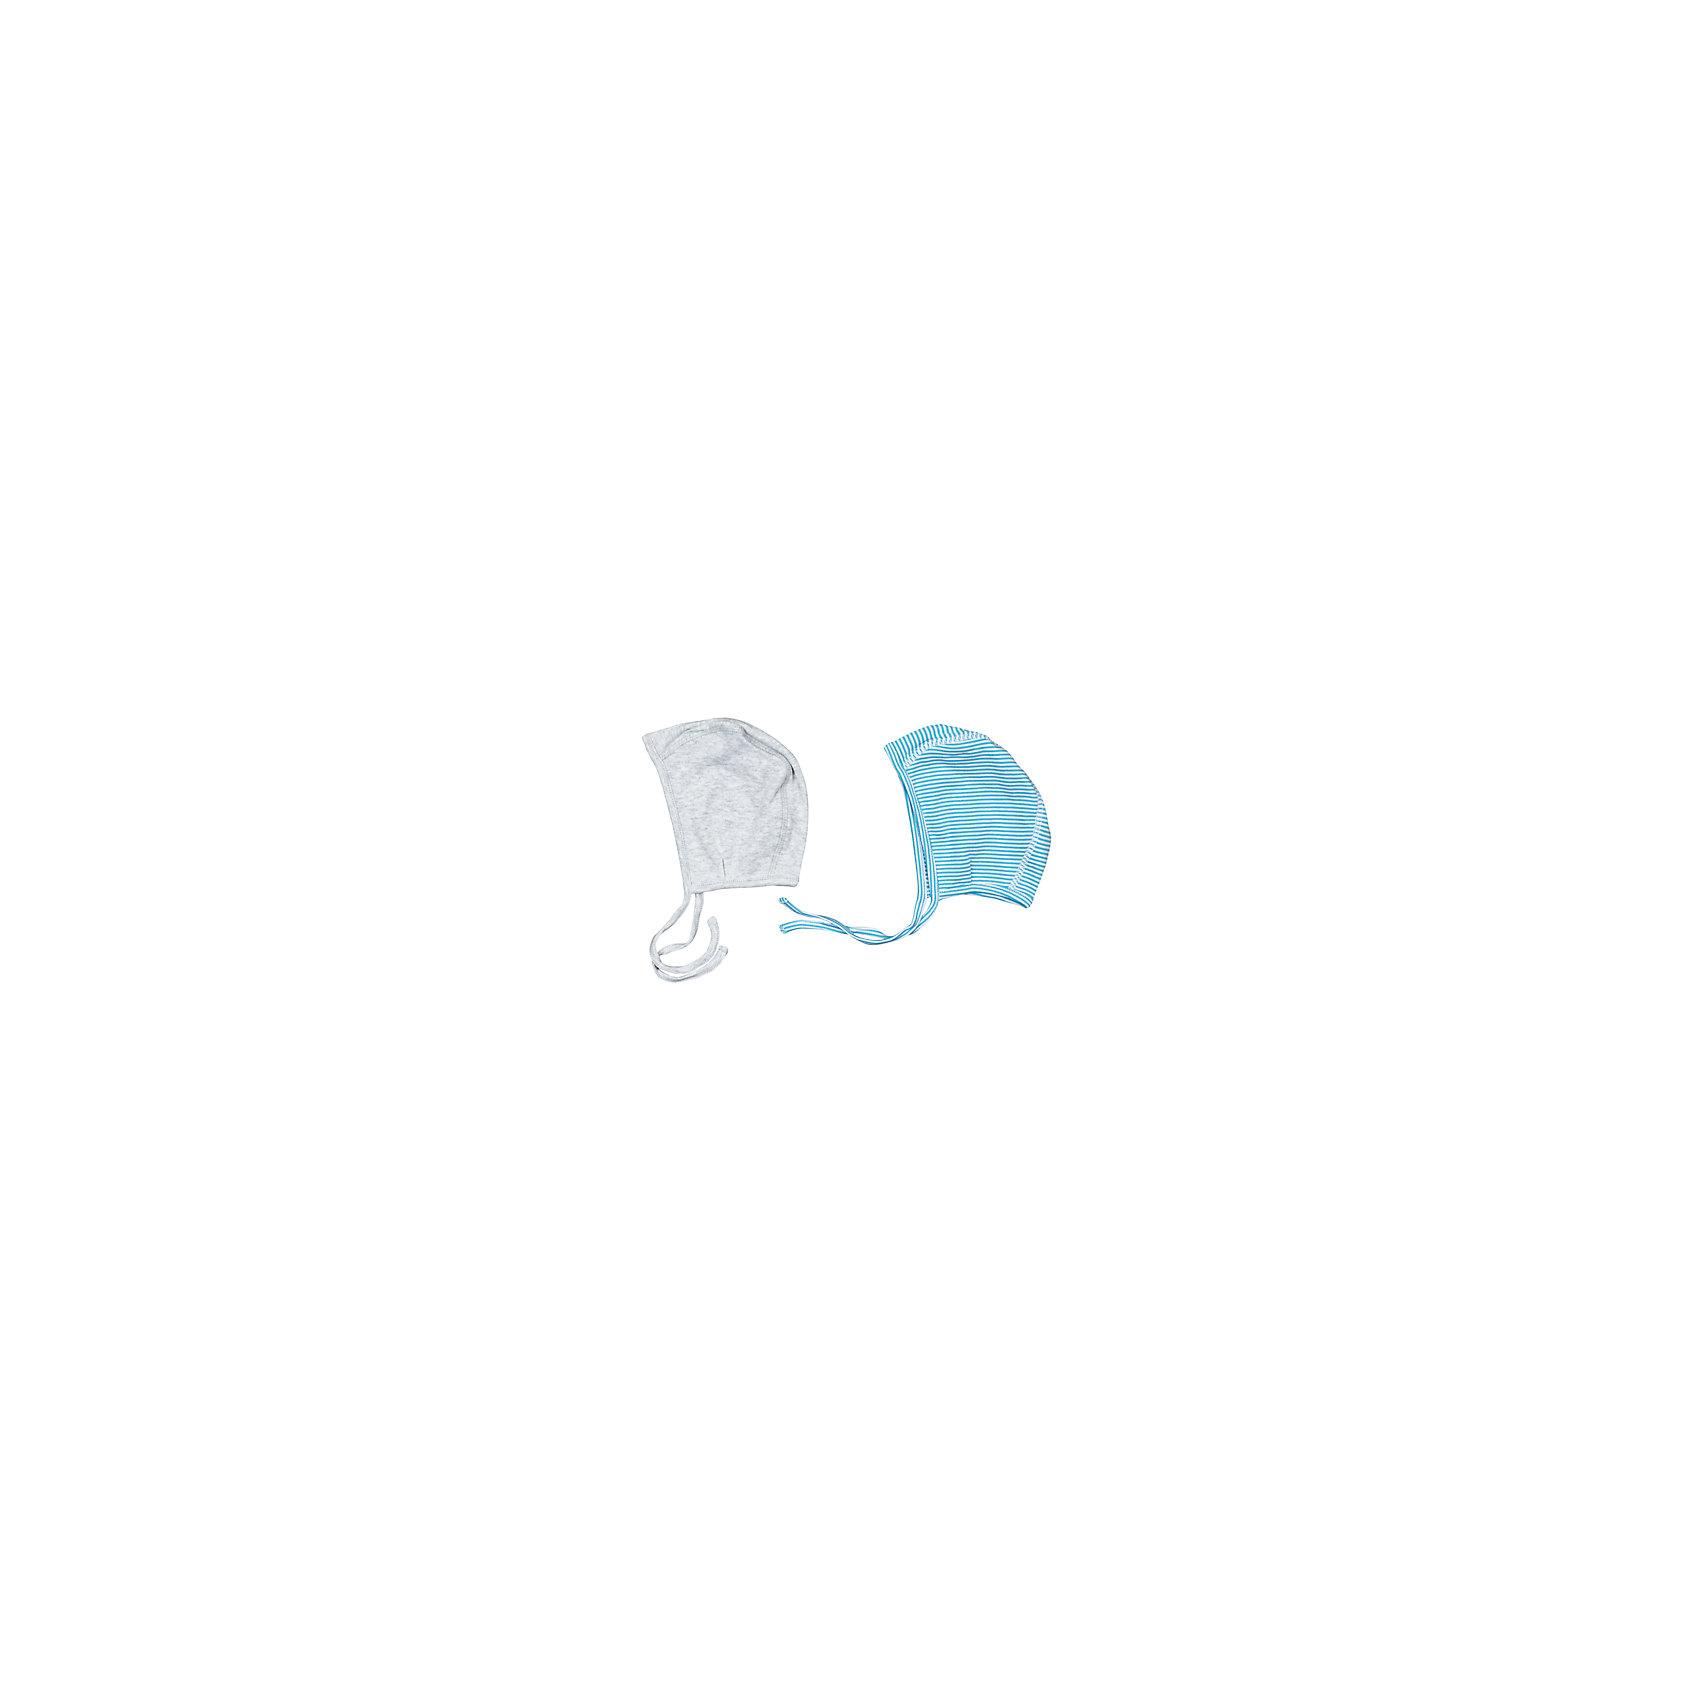 Чепчик, 2 шт. для мальчика PlayTodayЧепчик, 2 шт. для мальчика от известного бренда PlayToday.<br>Комплект из двух уютных хлопковых чепчиков. Цвета - серый меланж и белый в мелкую голубую полоску. Удобные завязки. Чепчики удобно носить под вязаными шапочками.<br>Состав:<br>100% хлопок<br><br>Ширина мм: 157<br>Глубина мм: 13<br>Высота мм: 119<br>Вес г: 200<br>Цвет: разноцветный<br>Возраст от месяцев: 3<br>Возраст до месяцев: 6<br>Пол: Мужской<br>Возраст: Детский<br>Размер: 42,40,44<br>SKU: 4901044